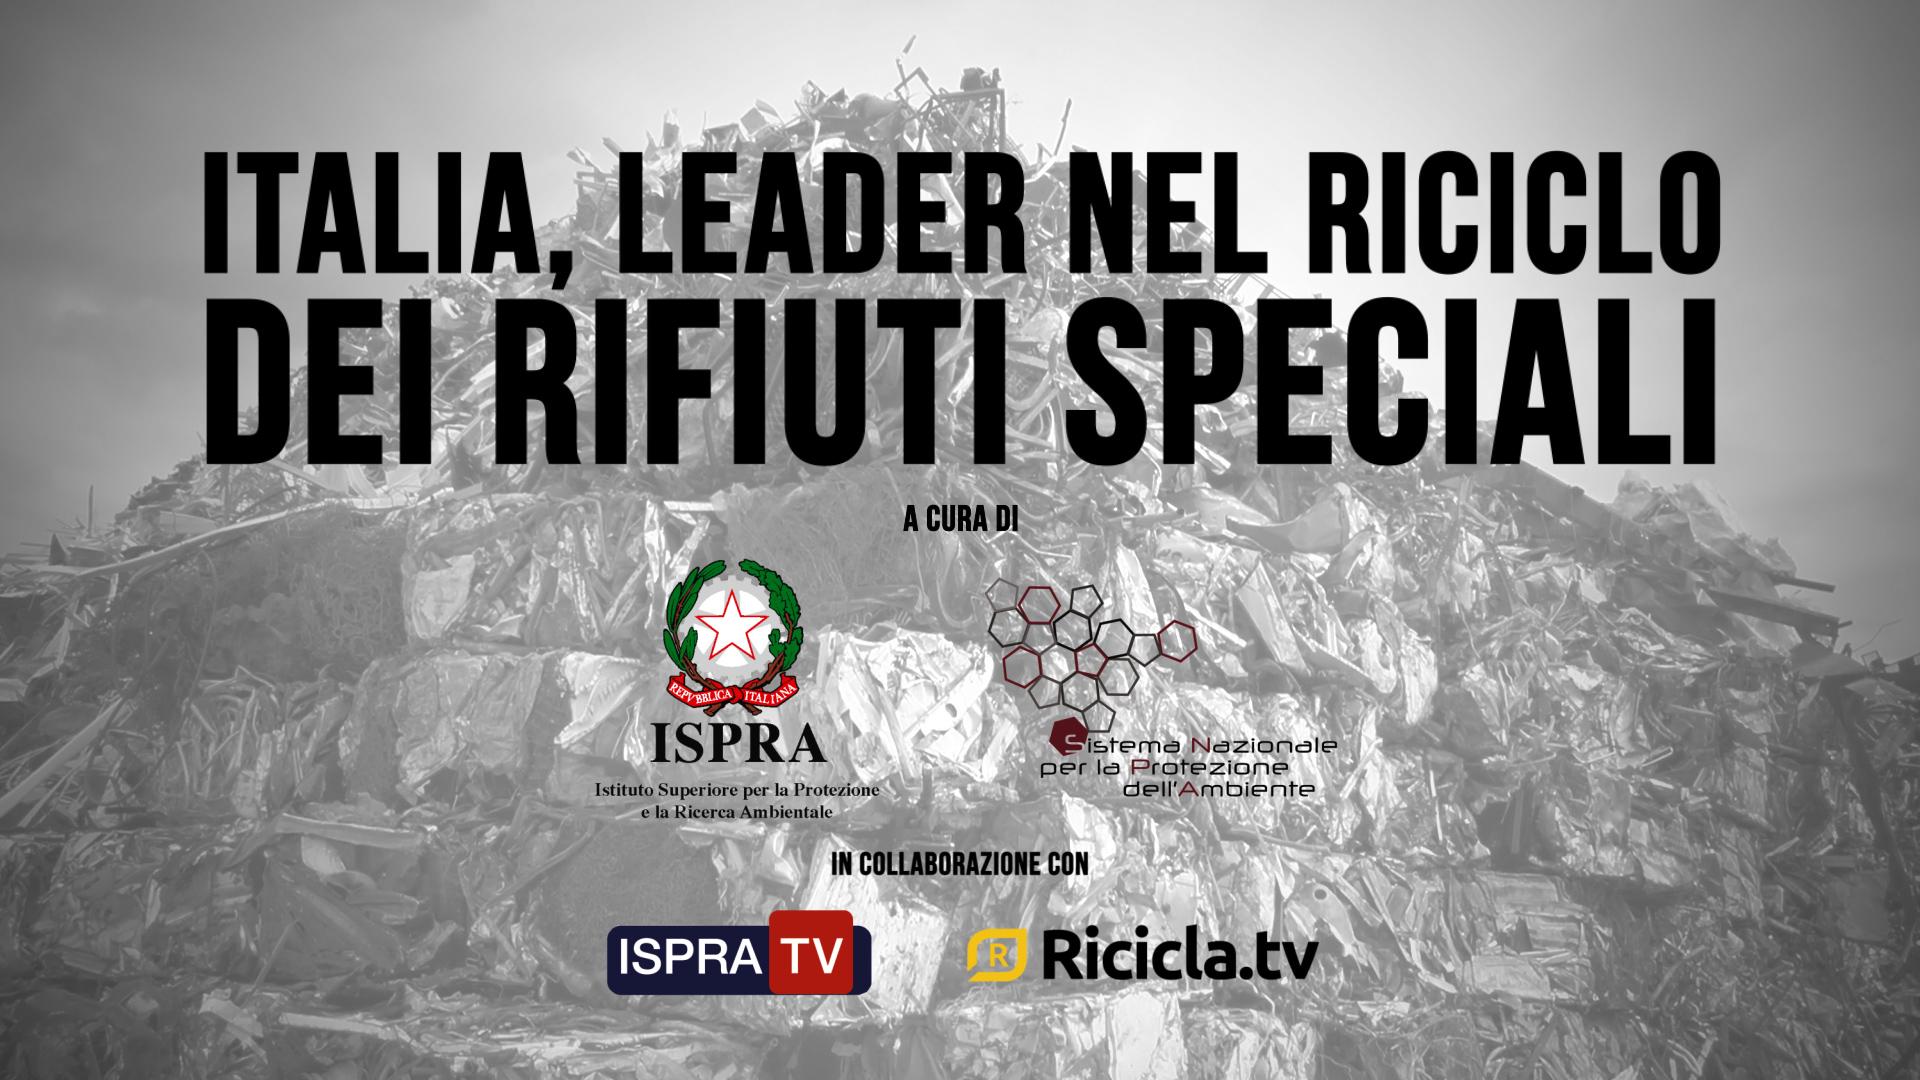 ITALIA, LEADER NEL RICICLO DEI RIFIUTI SPECIALI